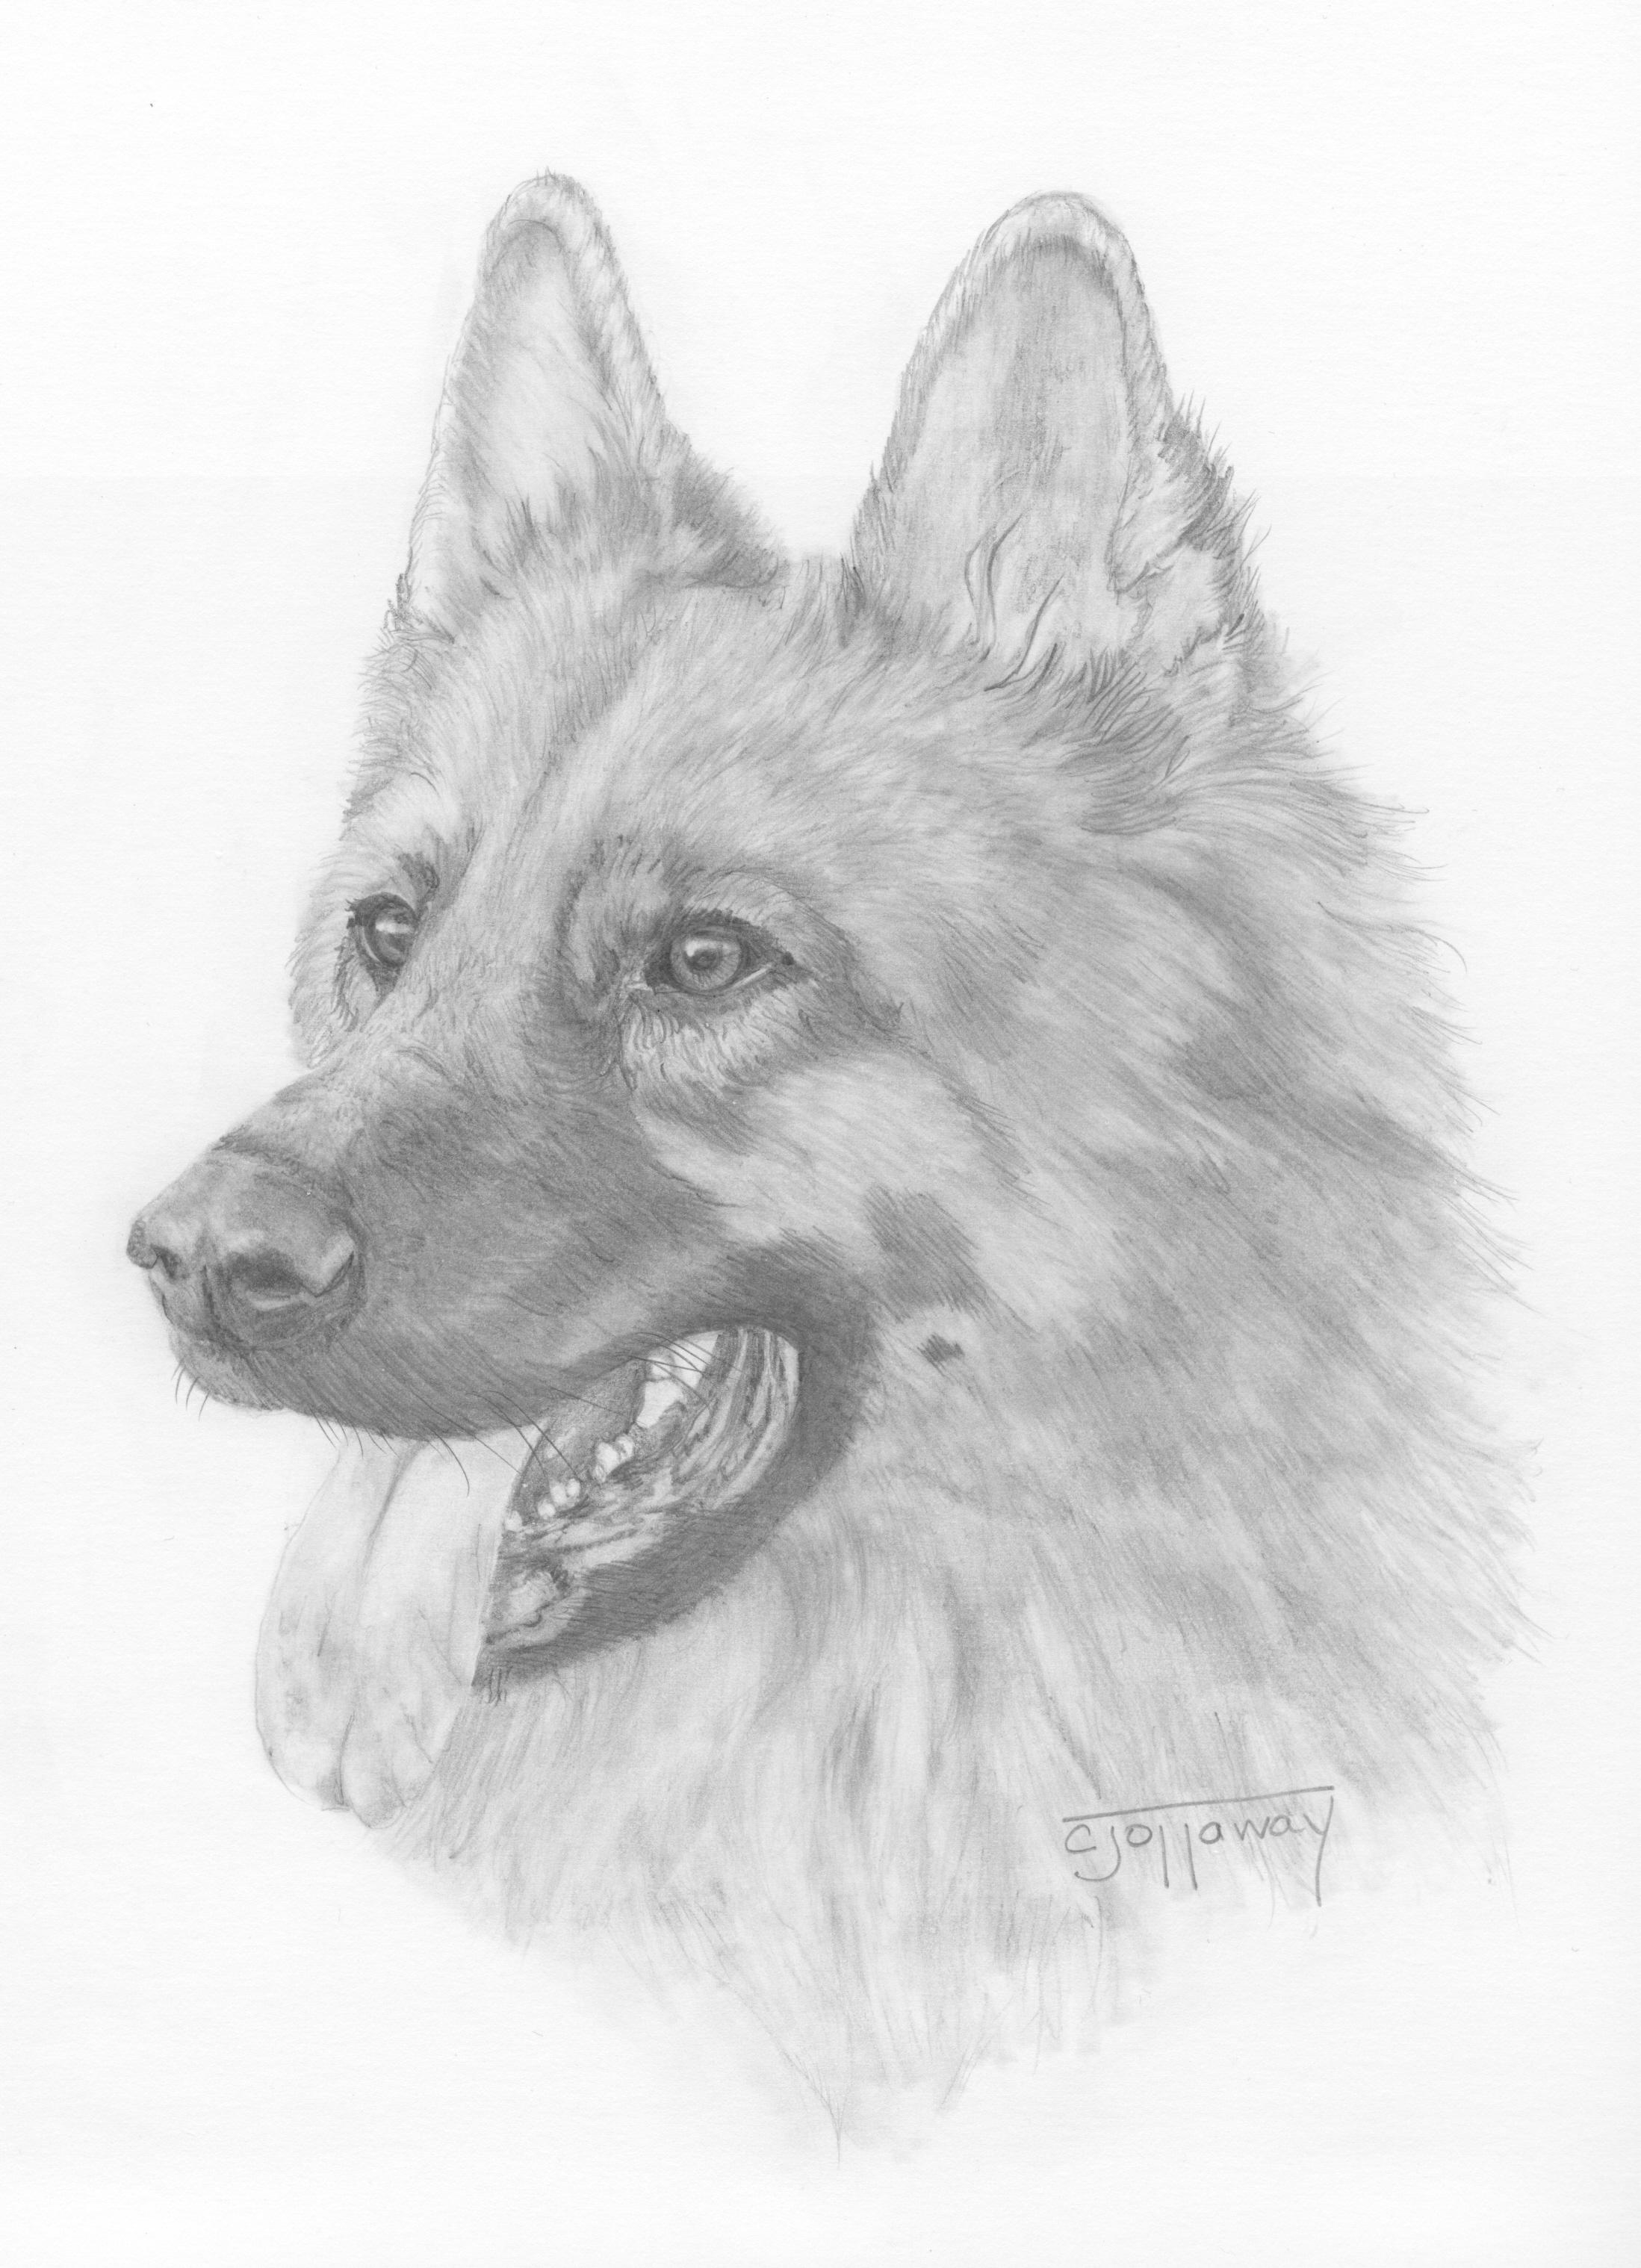 German Shepherd Cjottaway